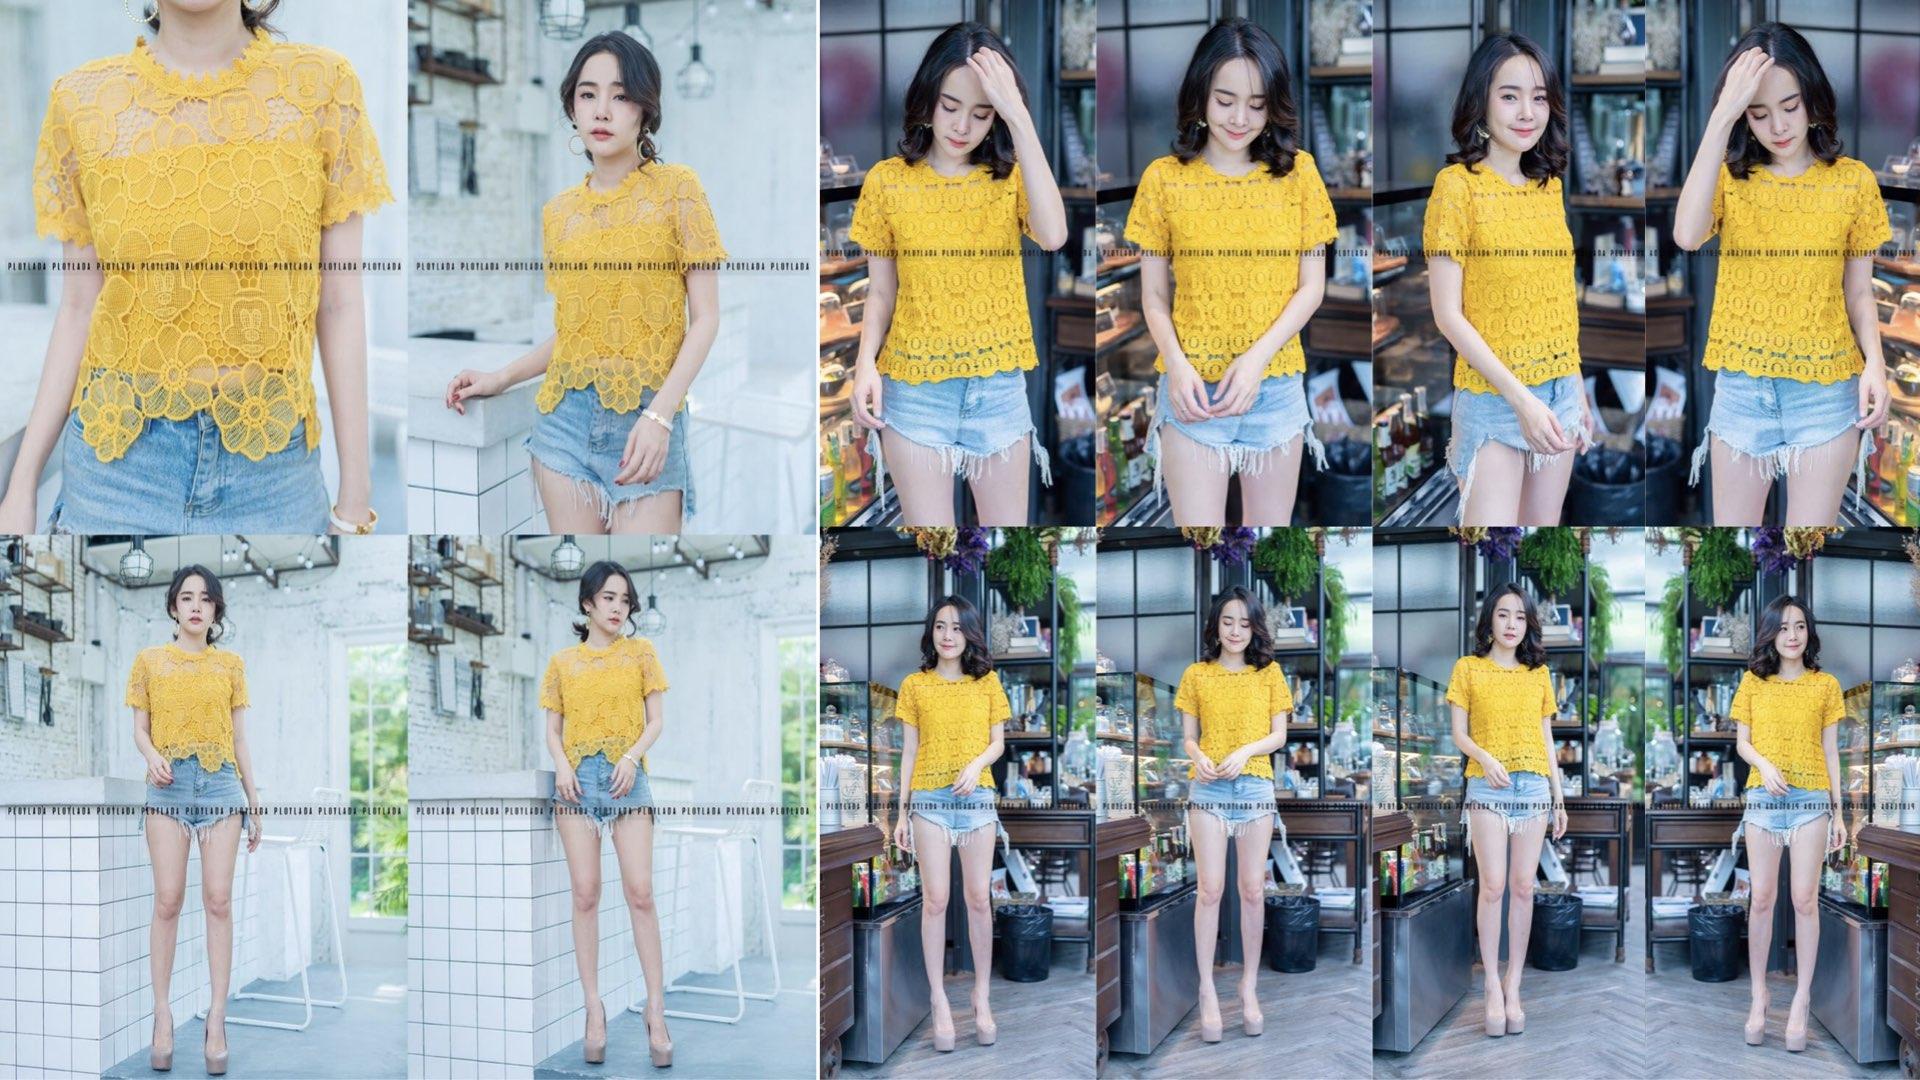 เสื้อสีเหลือง